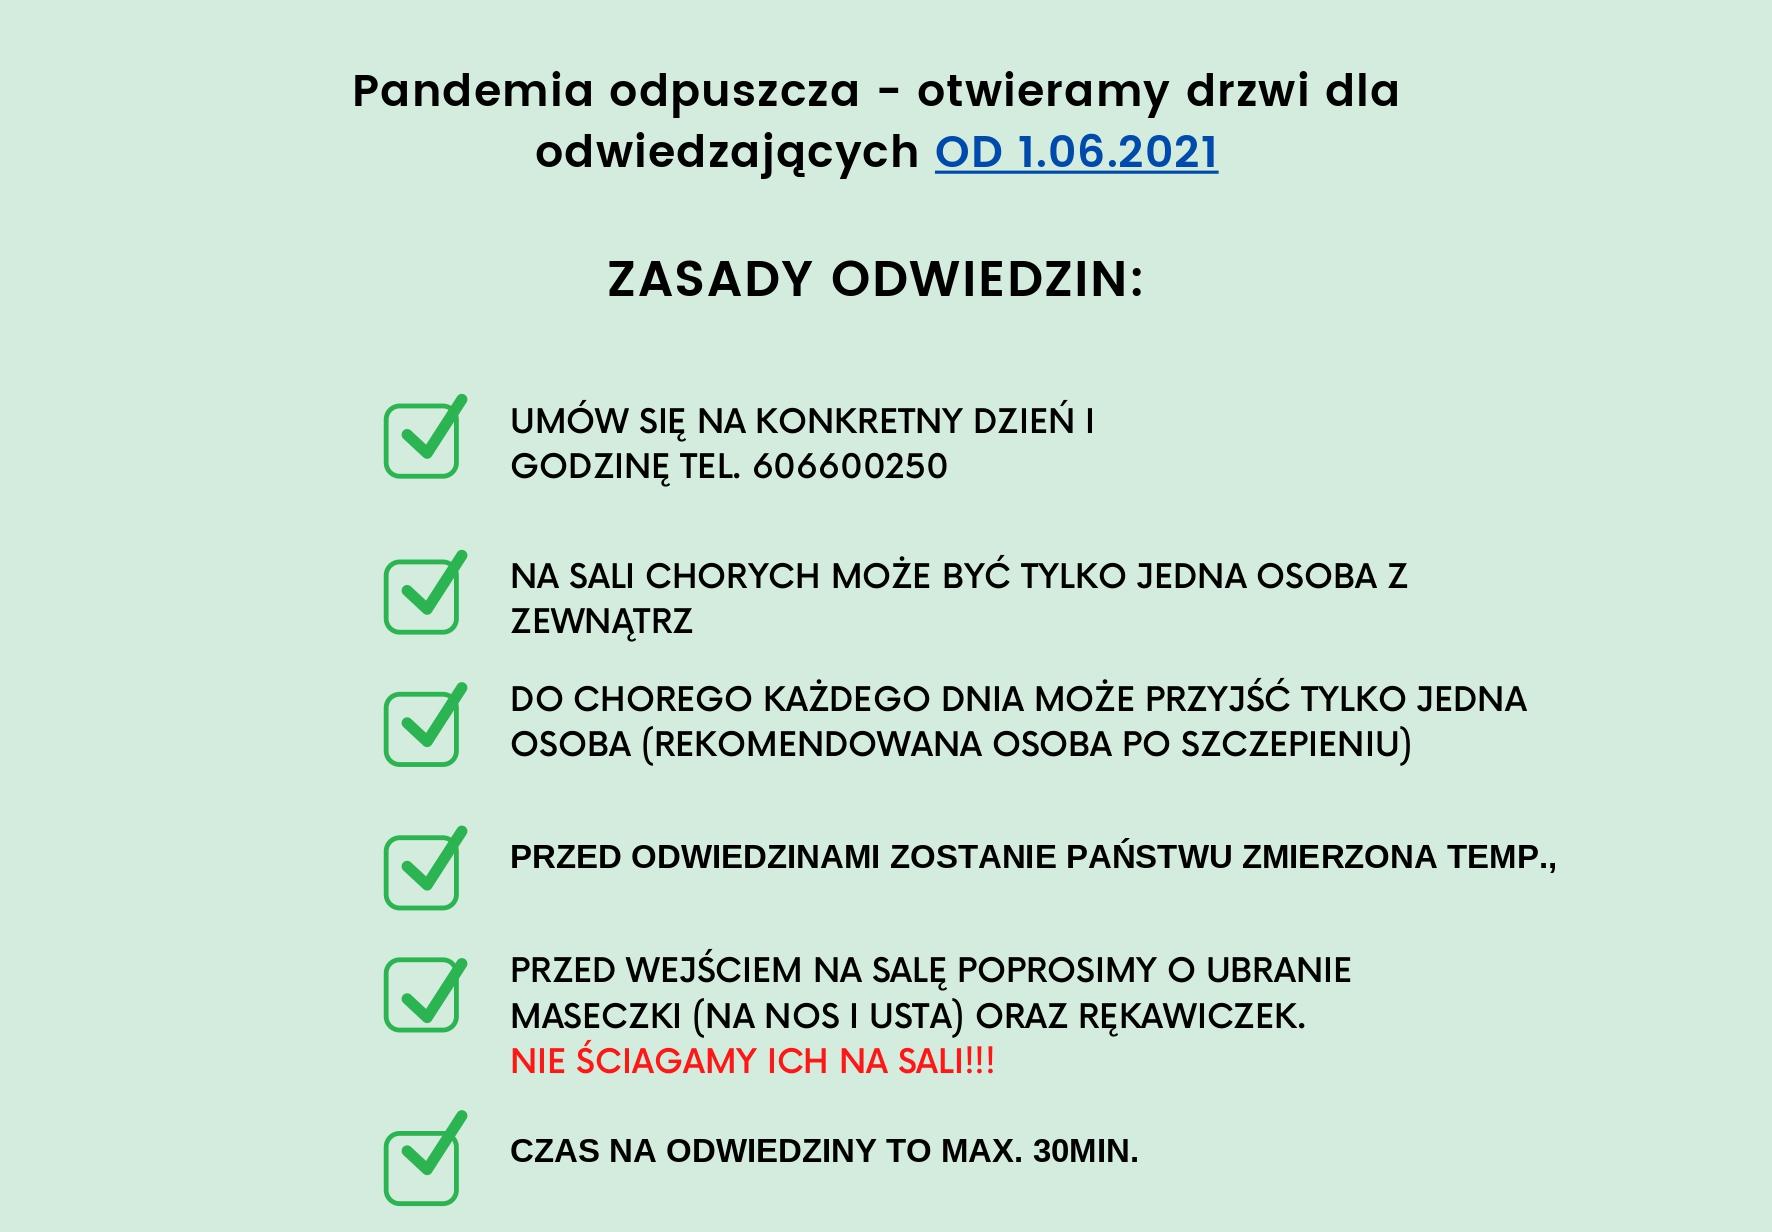 Pandemia odpuszcza – otwieramy drzwi dla odwiedzających ZASADY ODWIEDZIN_page-0001 (1)